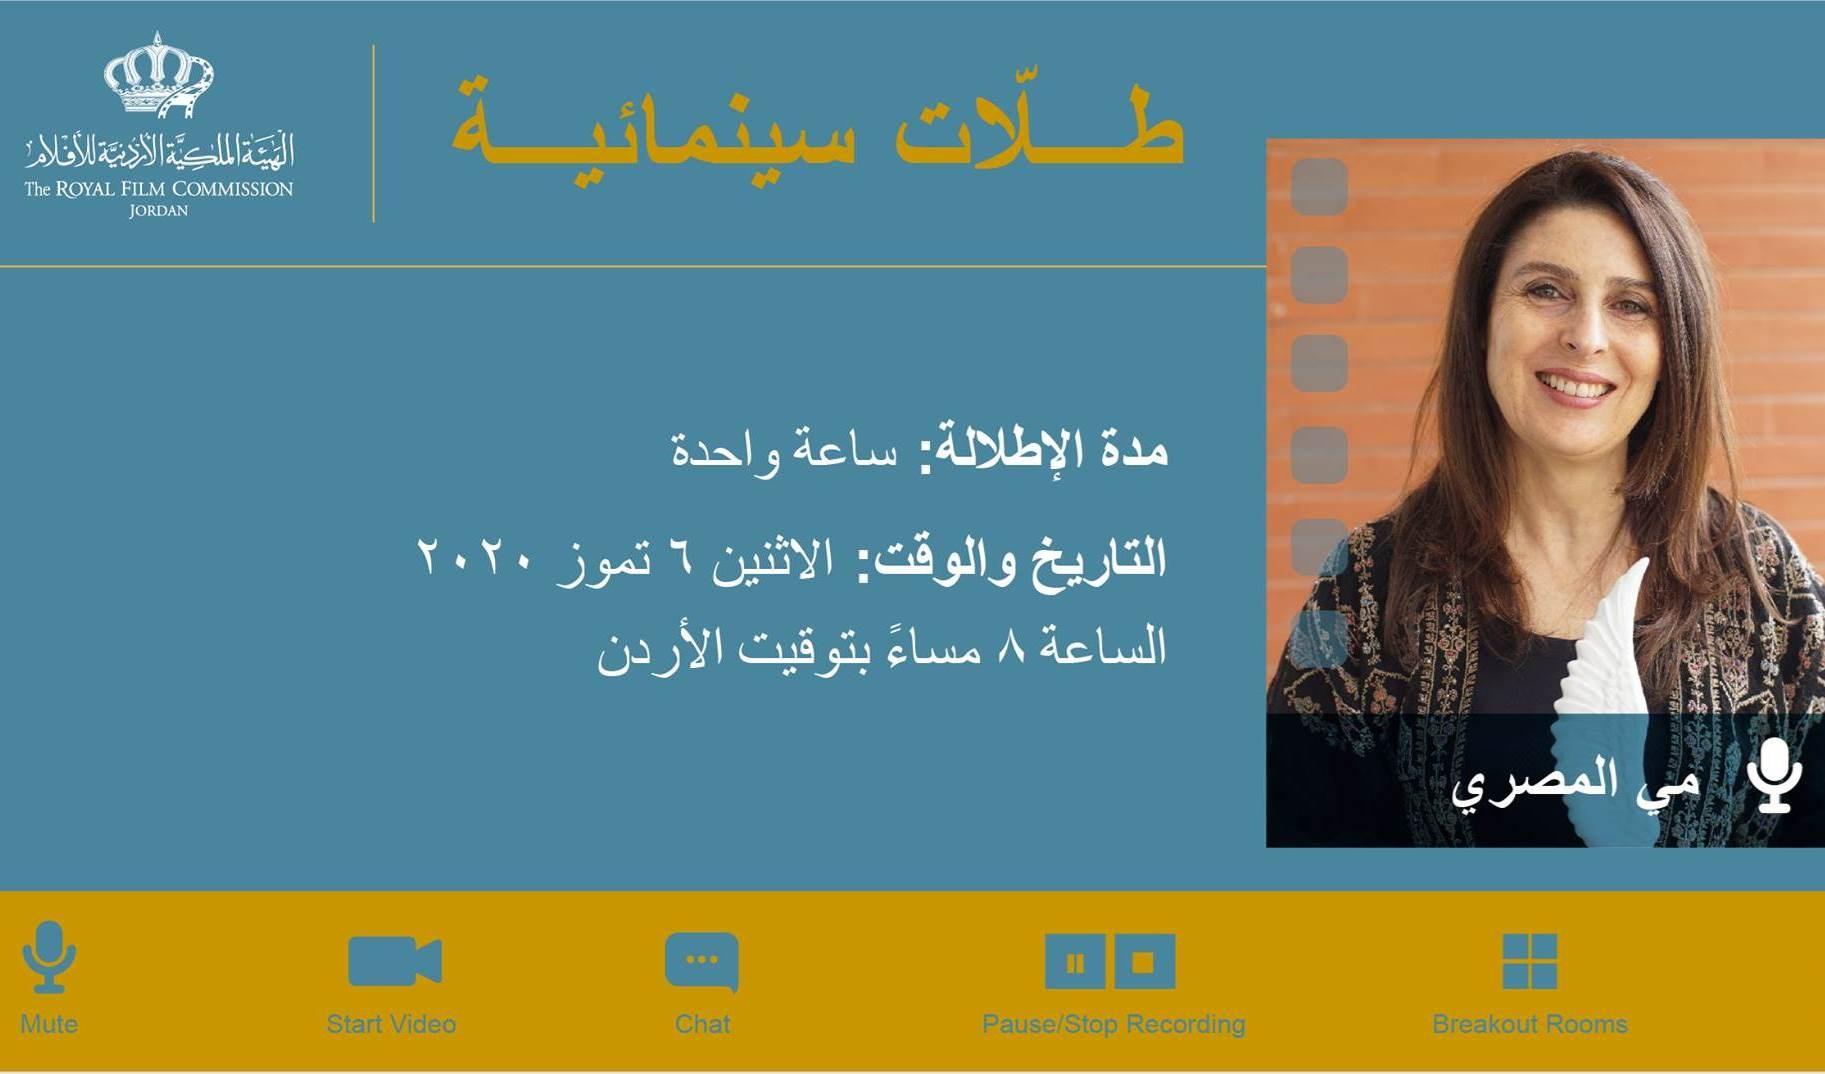 المصري تناقش الشبه والاختلاف بين الوثائقي والروائي